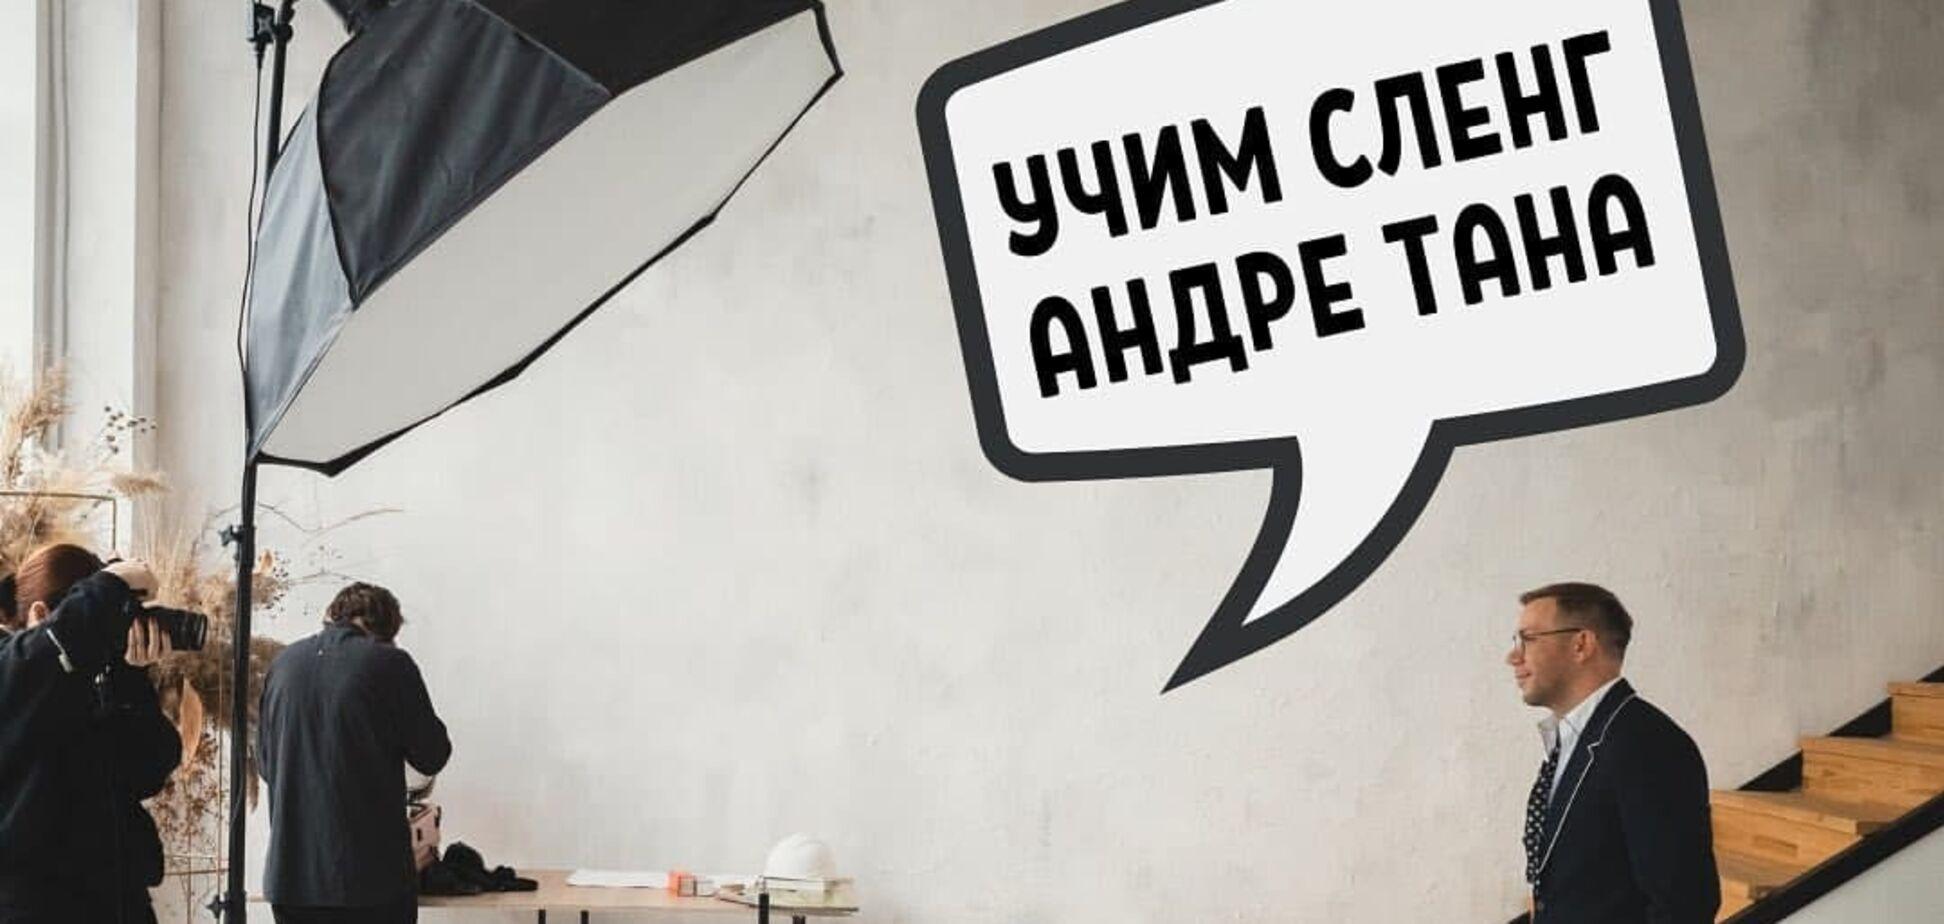 Андре Тан розповів про свій професійний сленг